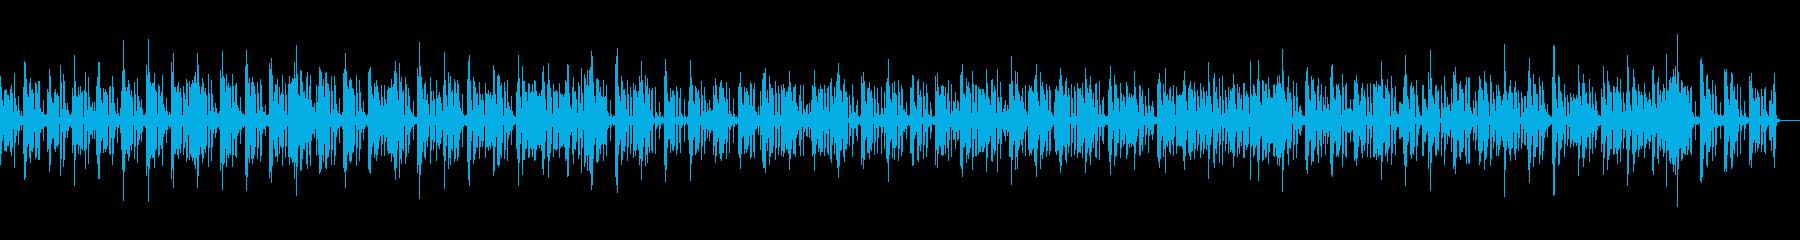 ベースリフ主導リラックスPFジャズの再生済みの波形